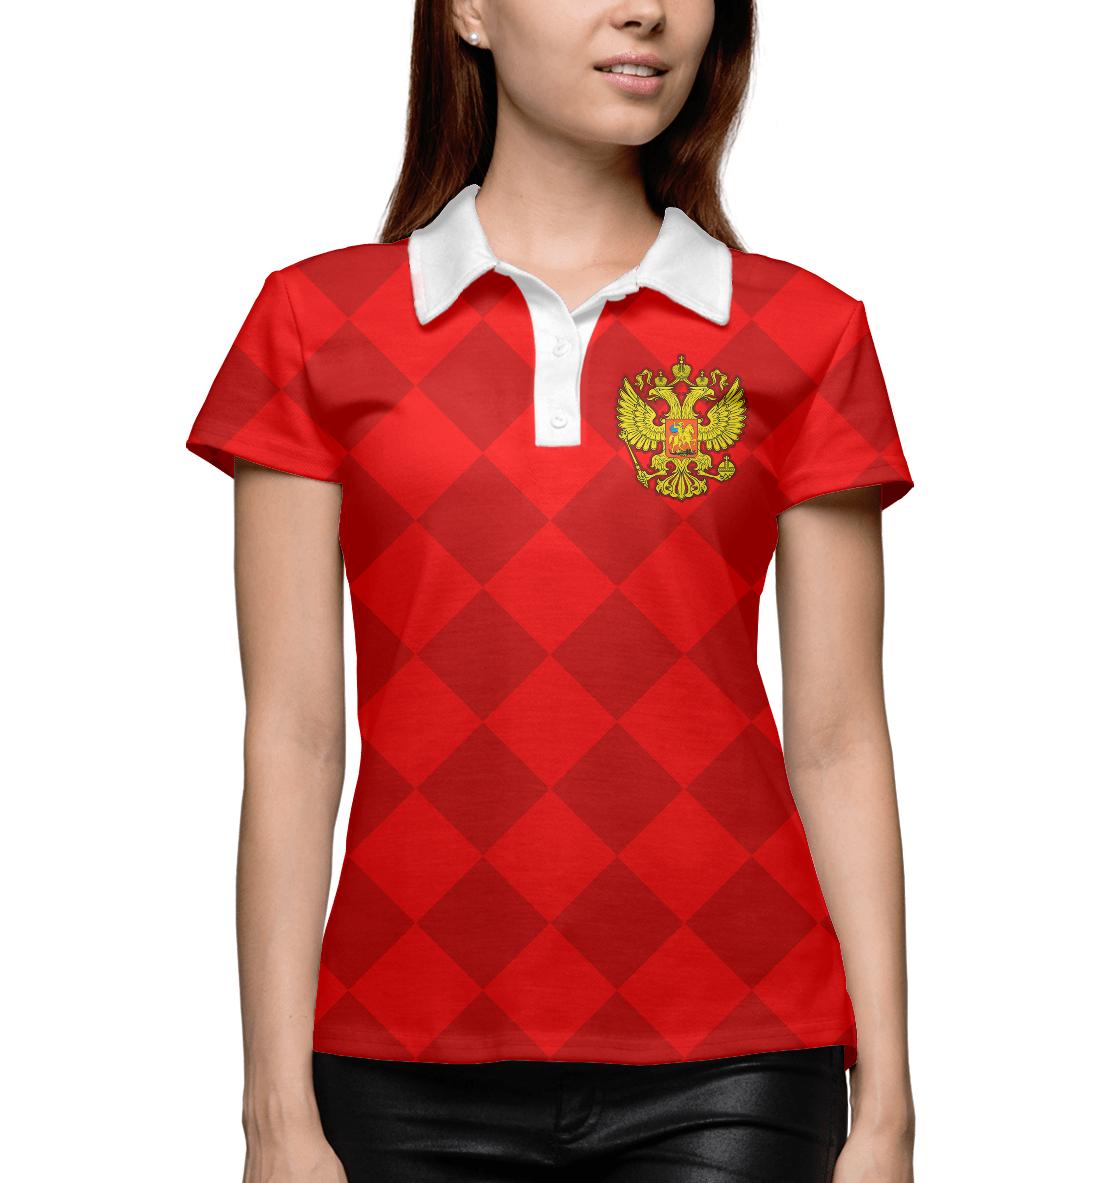 Купить Сборная России, Printbar, Поло, FNS-987504-pol-1